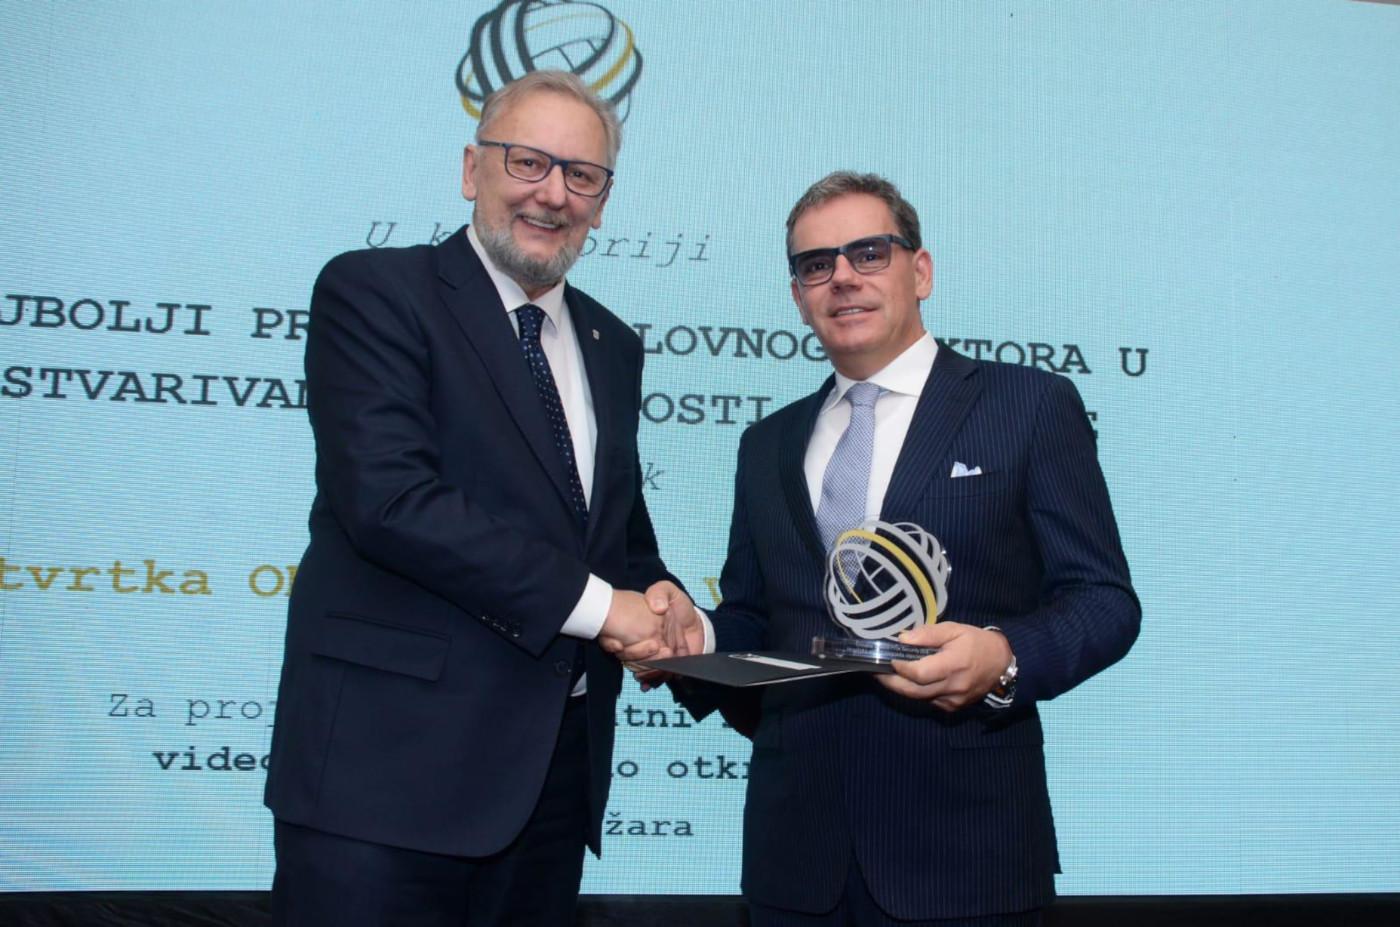 Davor Božinović, ministar unutarnjih poslova i Mate Botica, član uprave i direktor tvrtke Odašiljači i veze